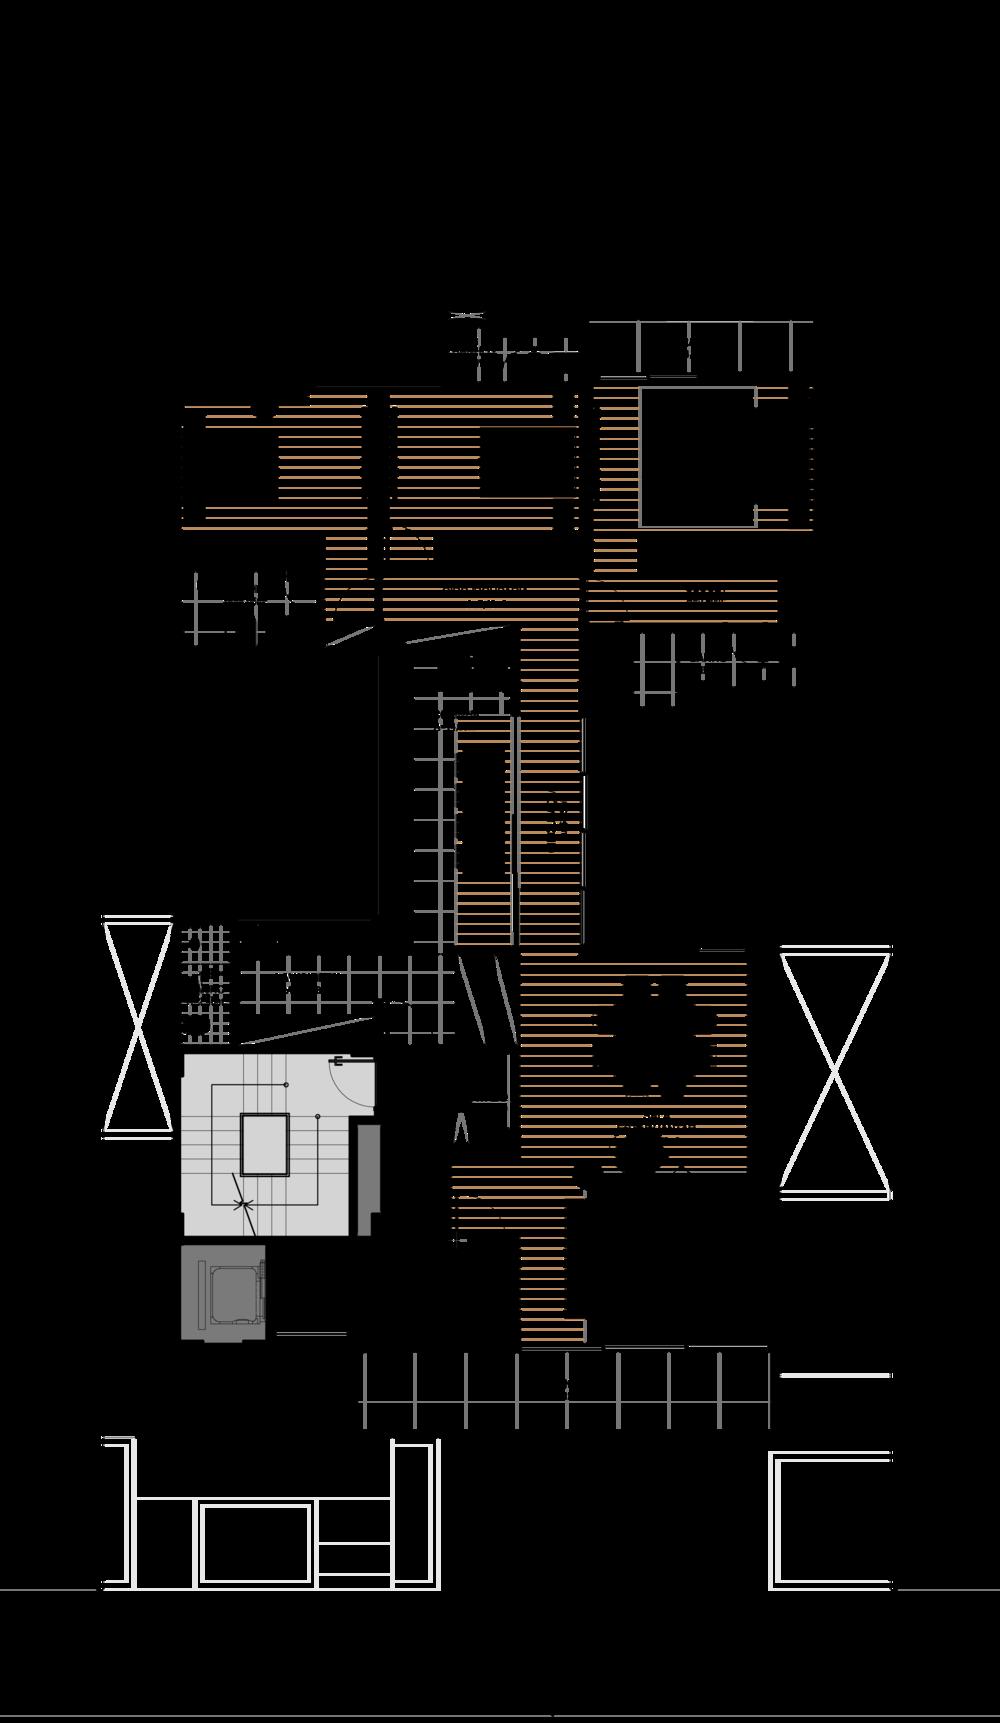 04 - F_Edificio FF_Planta 02.png